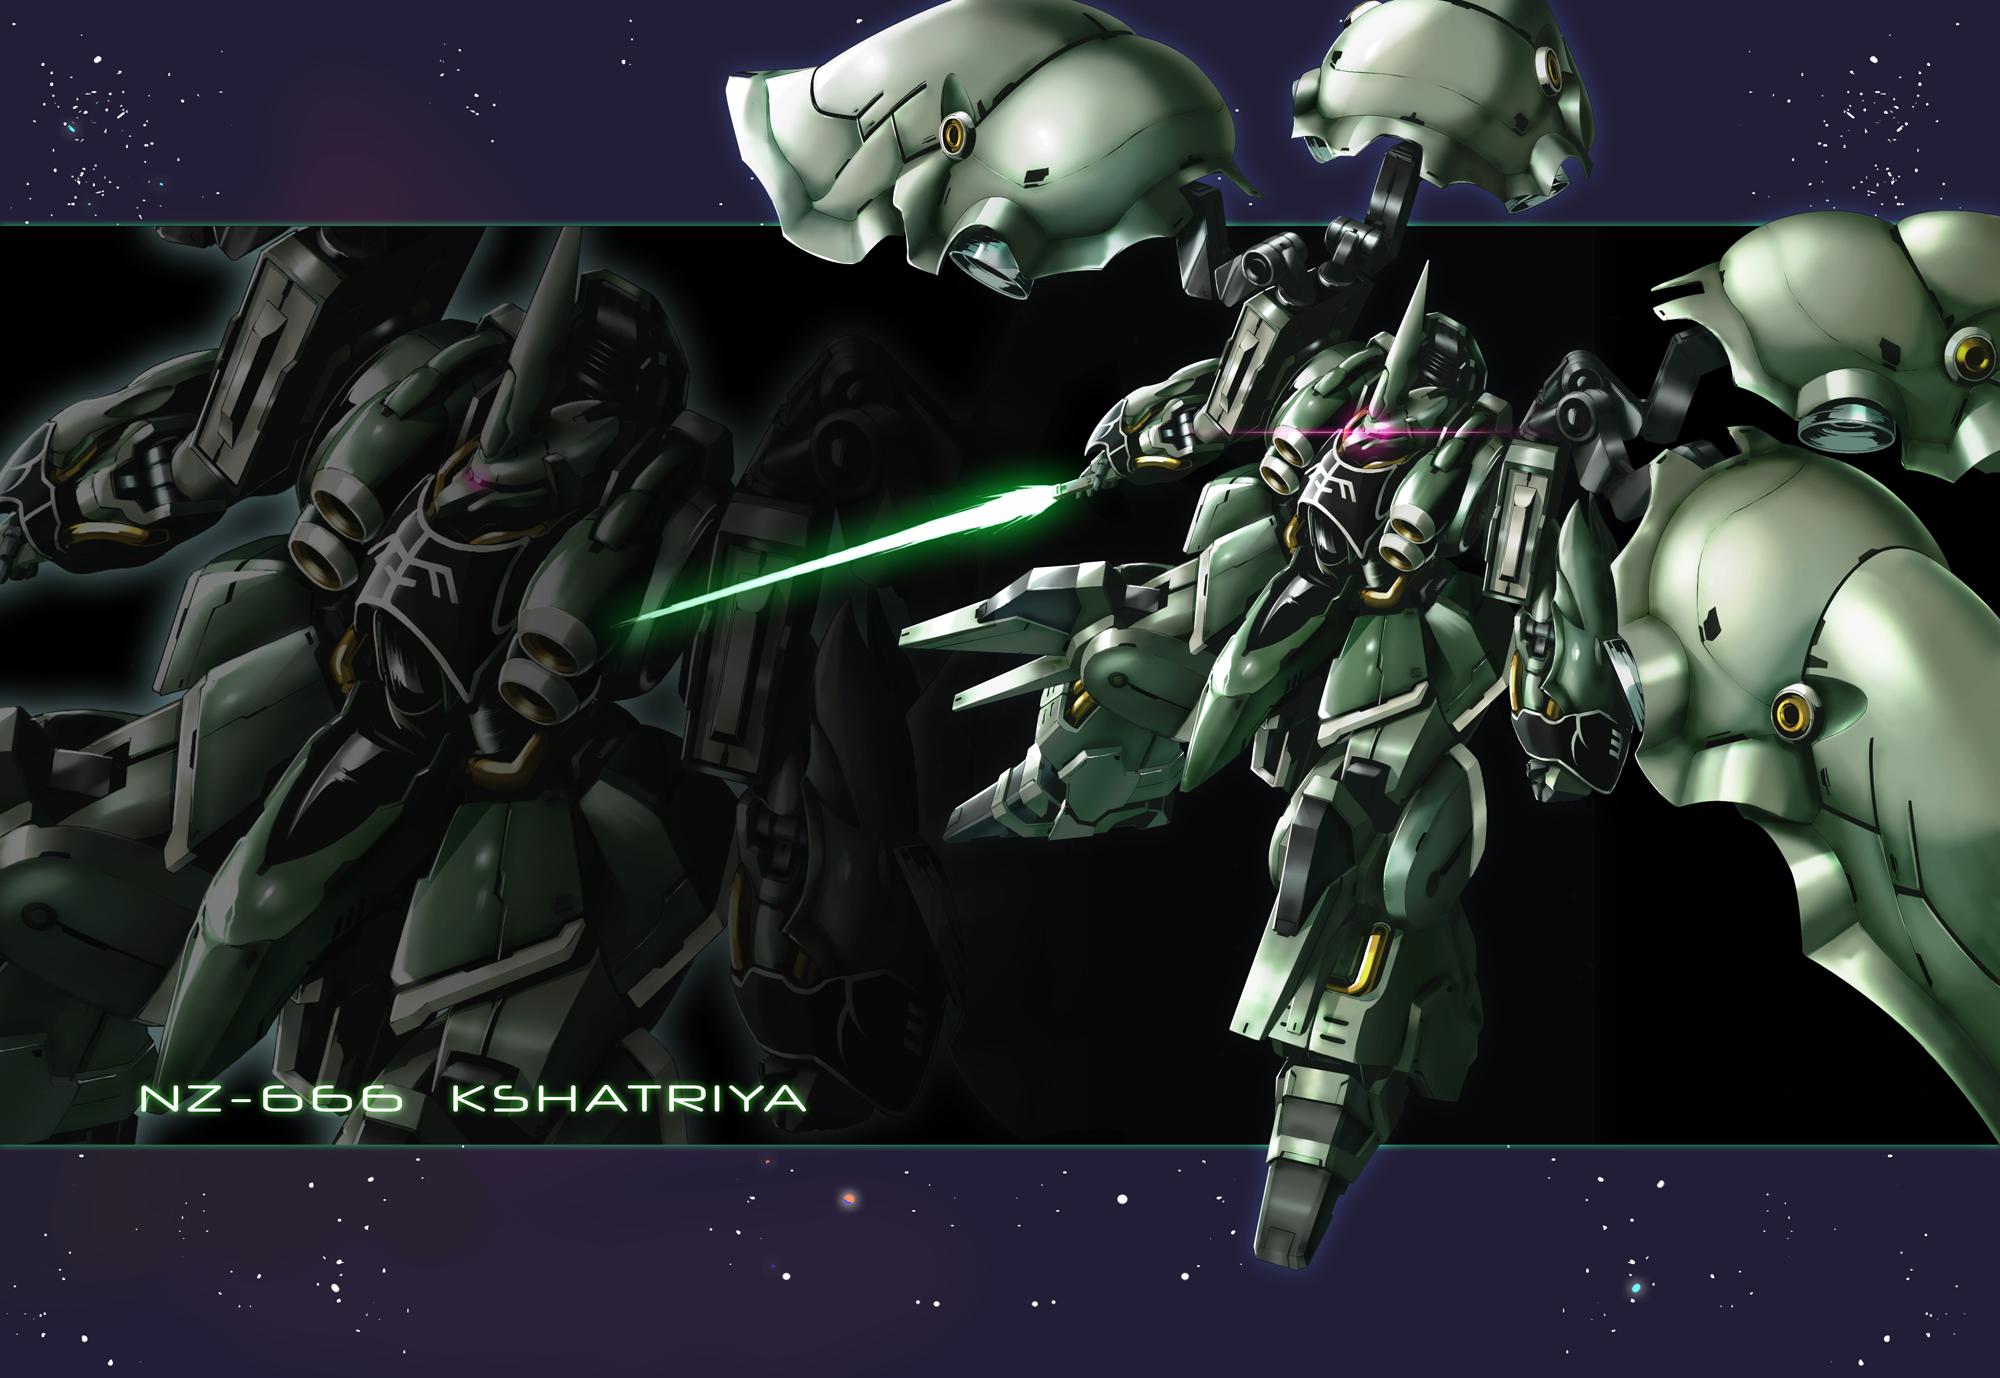 クシャトリヤ 朱未穂 Pixiv Illustration Gundam Darth Vader